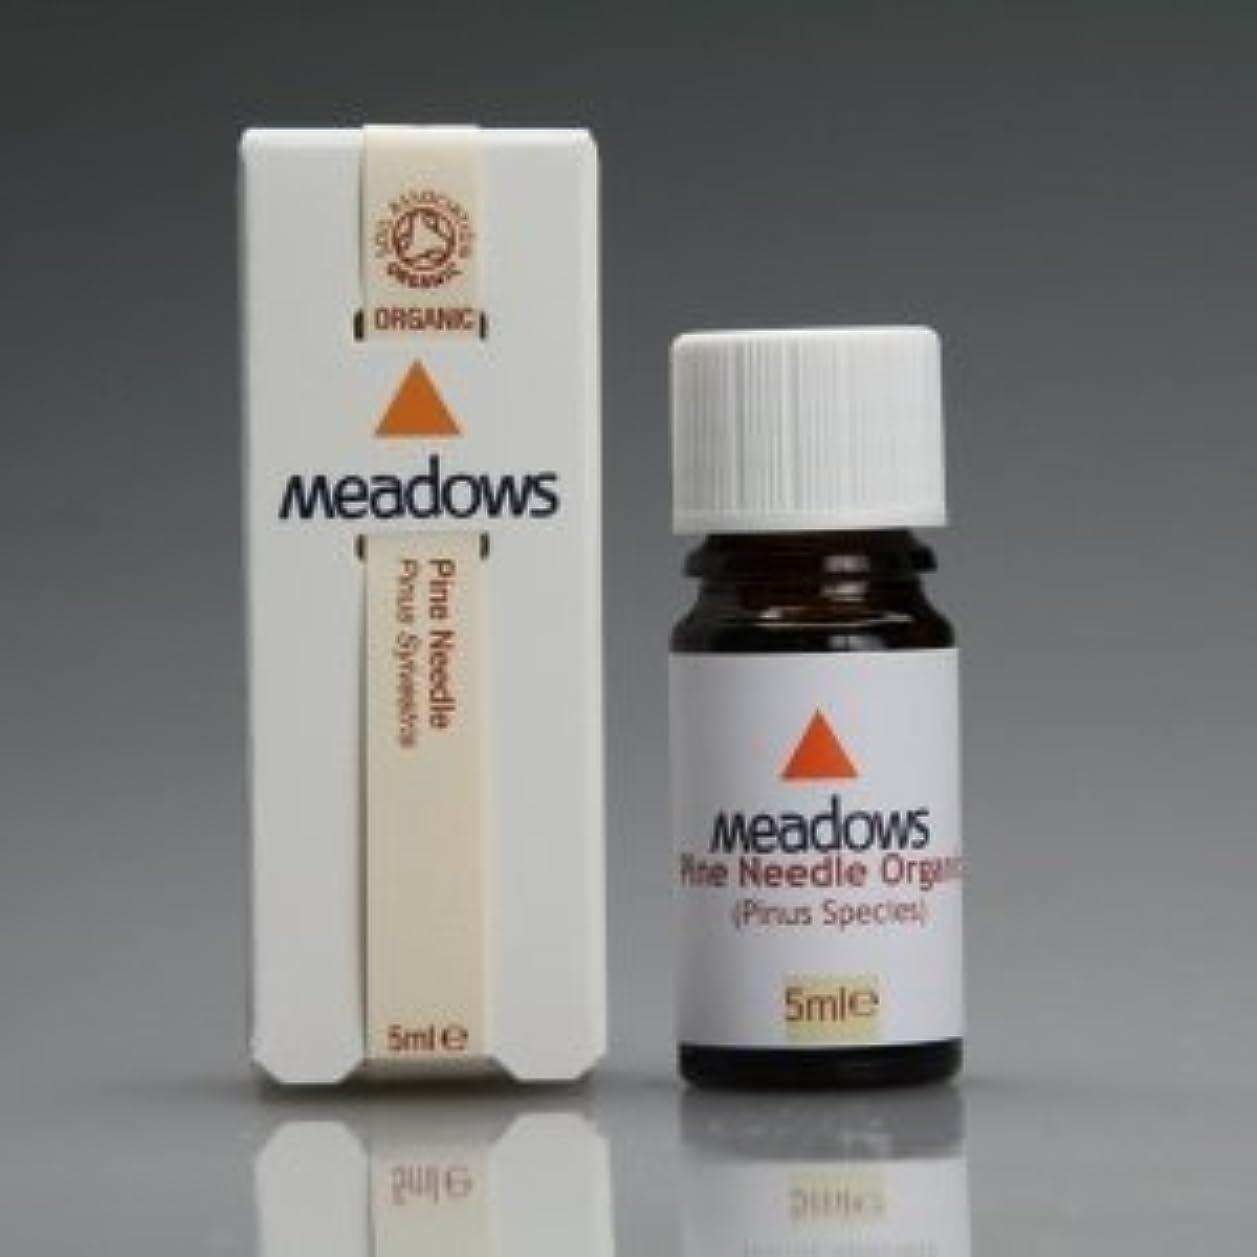 足はっきりとメドレーメドウズ エッセンシャルオイル パインニードル(ヨーロッパ赤松) 5ml